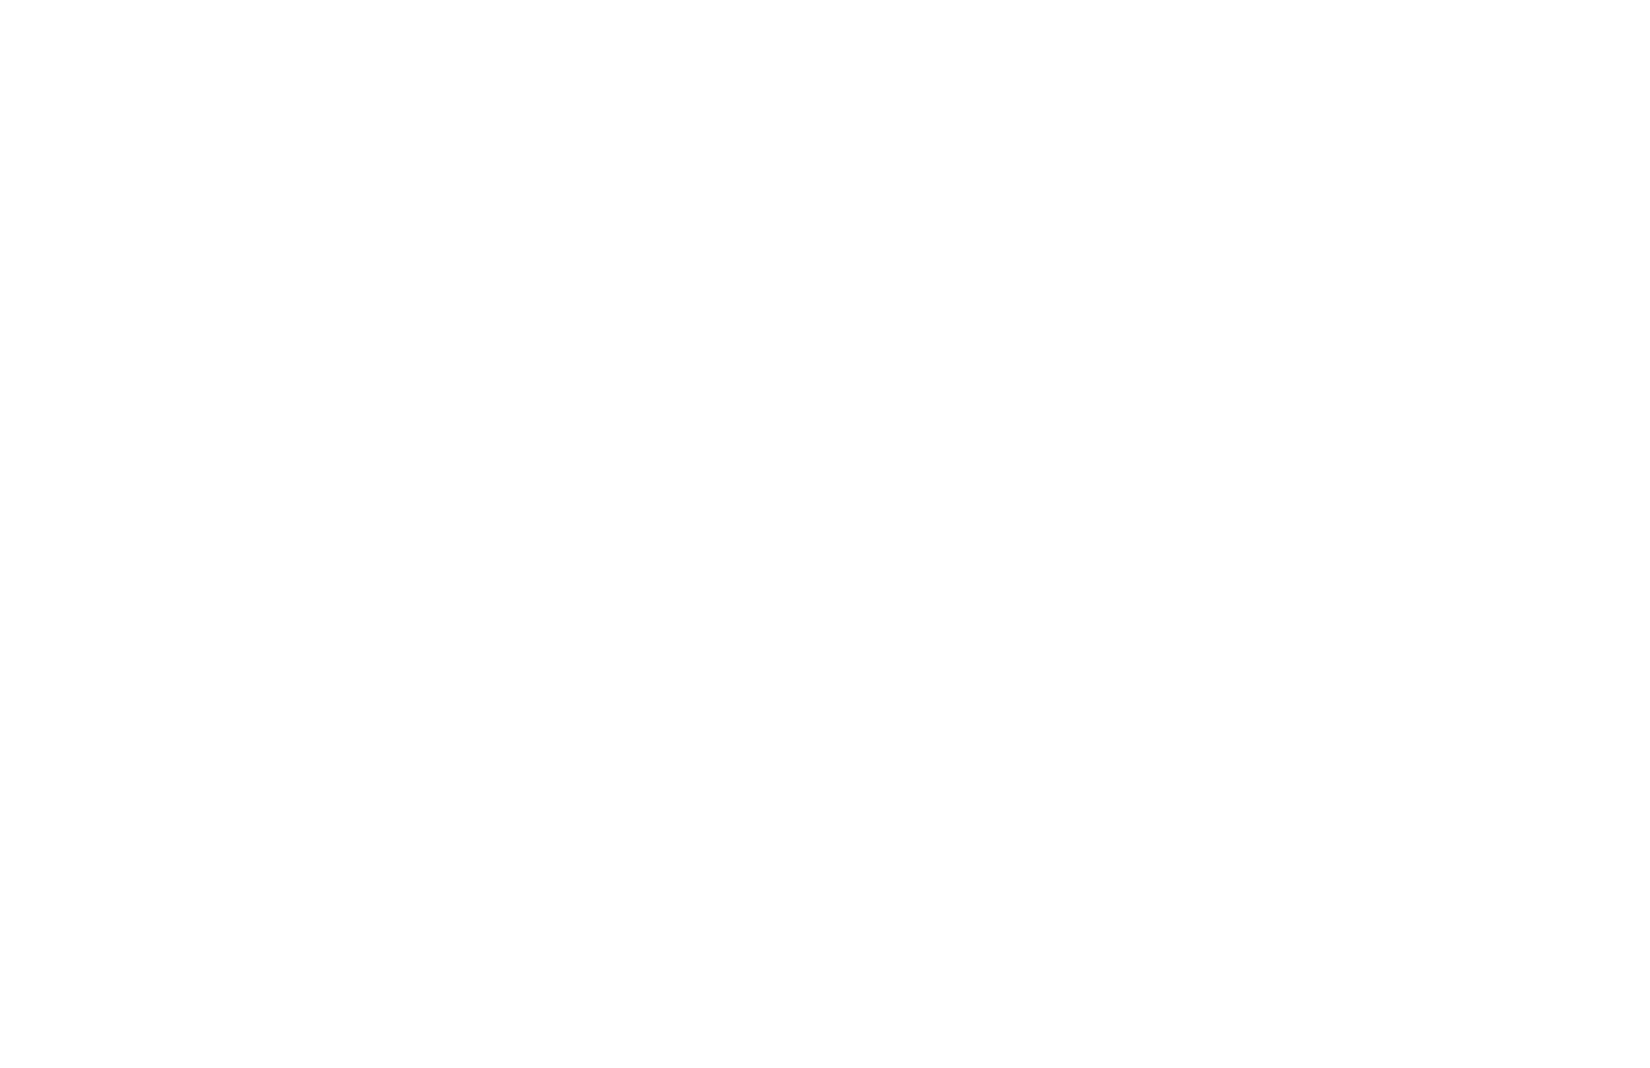 Logotipo de MEDCO